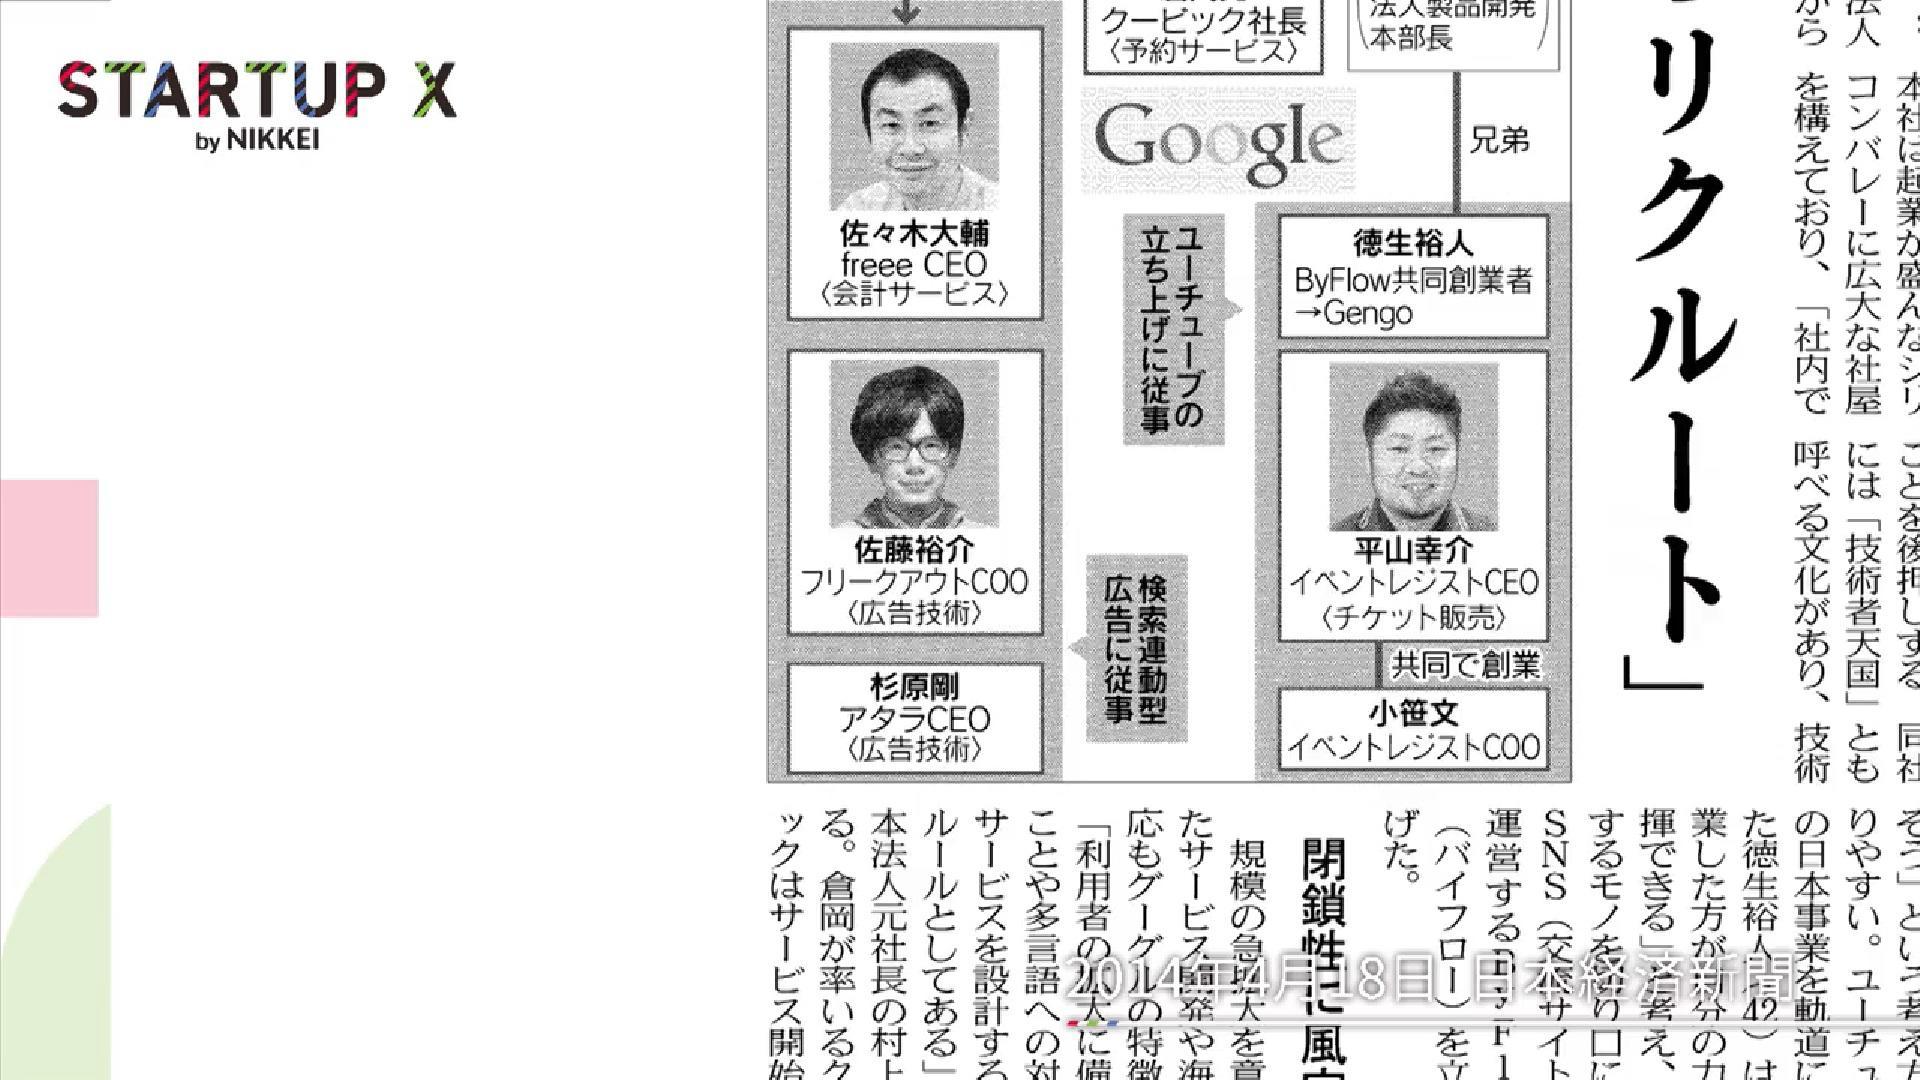 20190128_nikkeistartupx_05.jpg